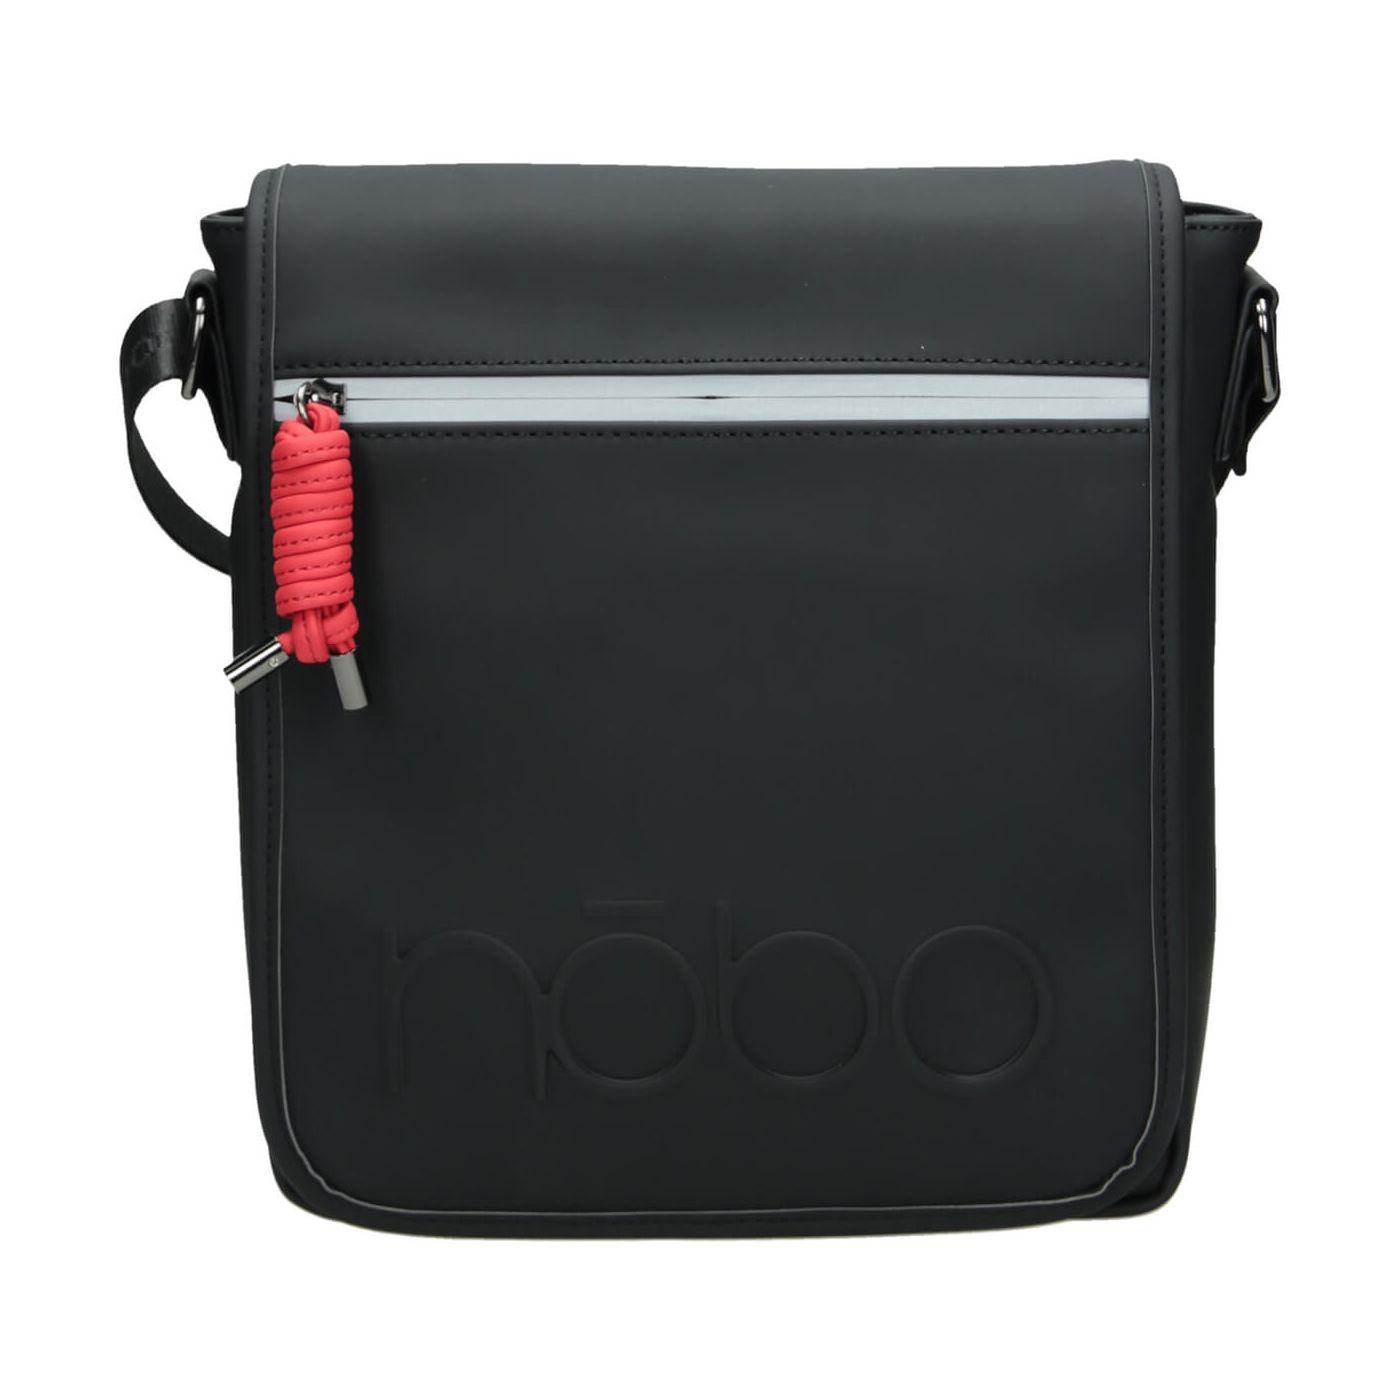 Nobo Woman's Bag NBAG-I1010-C020